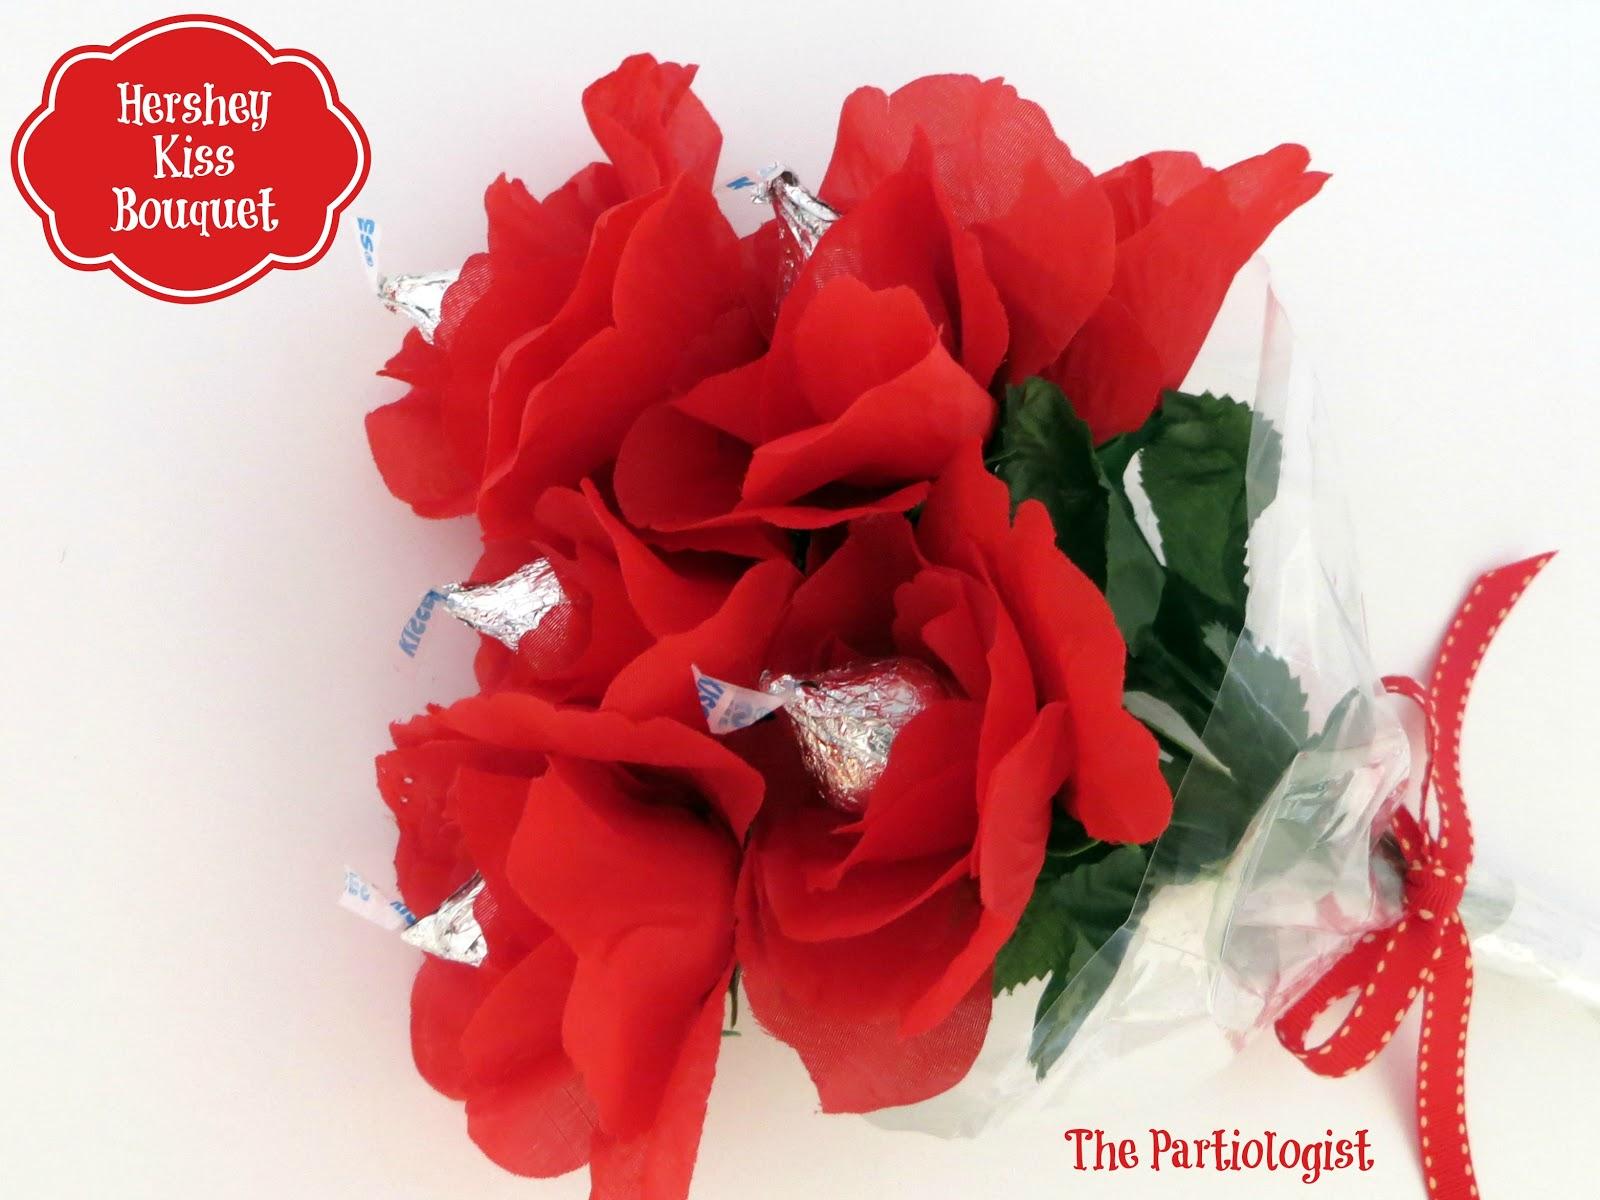 The Partiologist: Bouquet of Kisses!